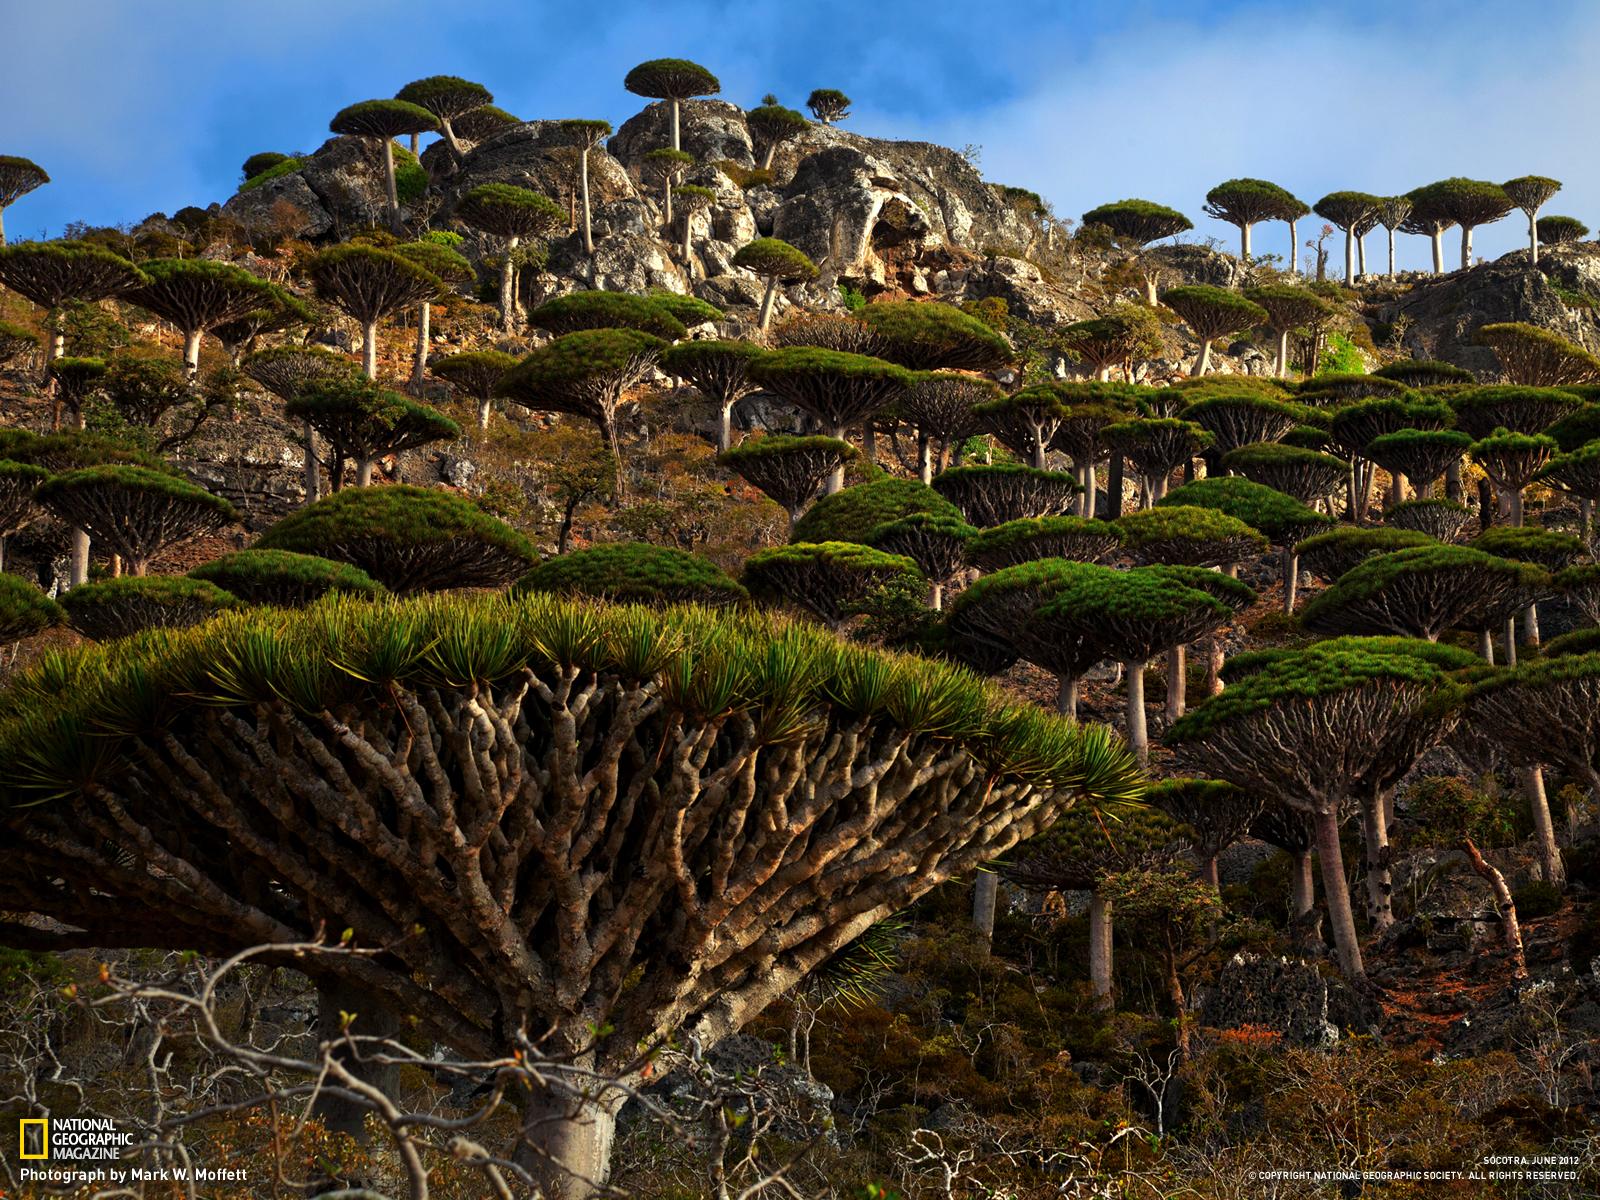 ソコトラ島の画像 p1_31